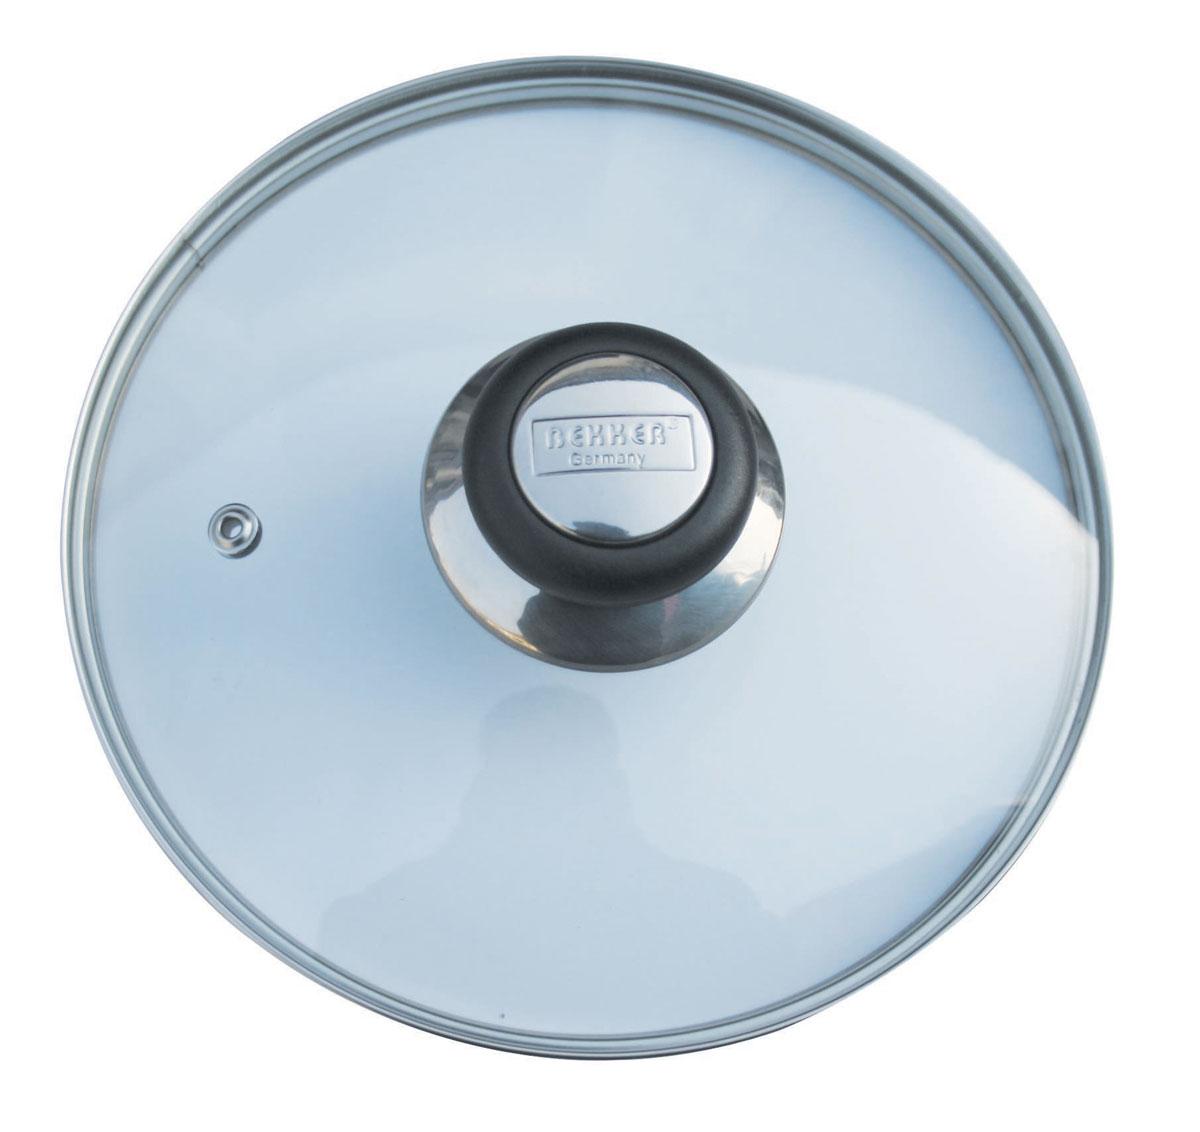 """Крышка """"Bekker"""" изготовлена из прозрачного термостойкого стекла. Обод, выполненный из высококачественной нержавеющей стали, защищает крышку от повреждений. Ручка из бакелита черного цвета защищает ваши руки от высоких температур. Крышка удобна в использовании, позволяет контролировать процесс приготовления пищи. Имеется отверстие для выпуска пара."""